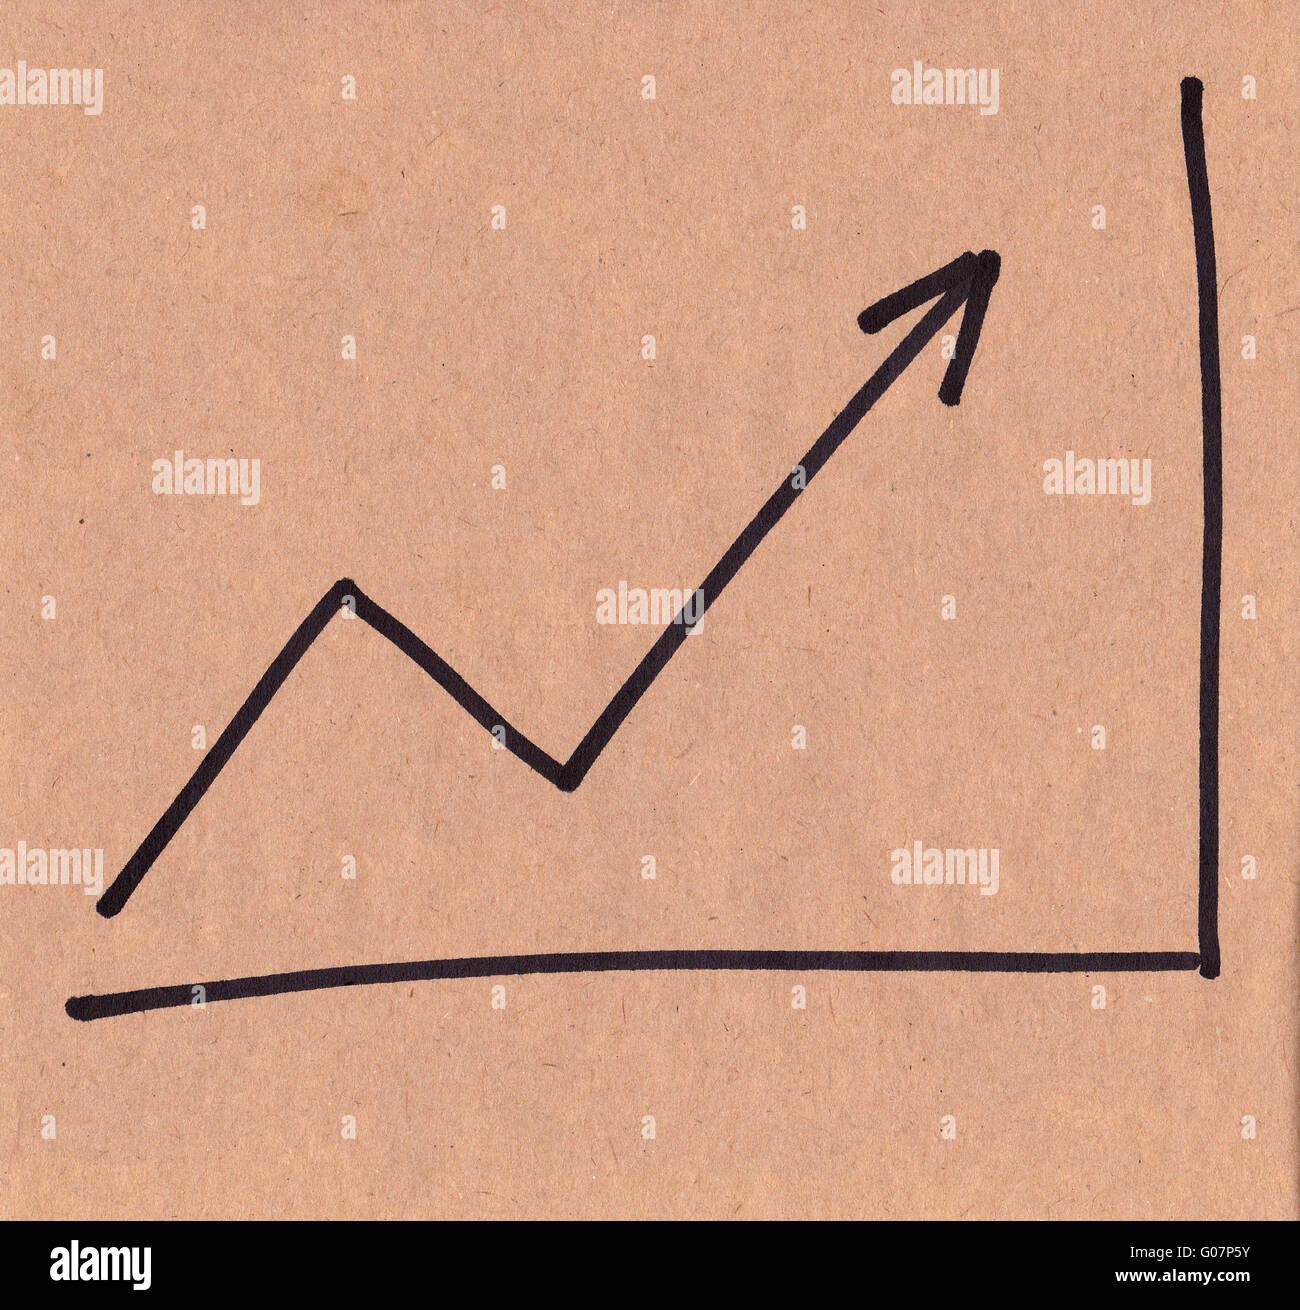 Pfeil-Wachstum. Stockfoto